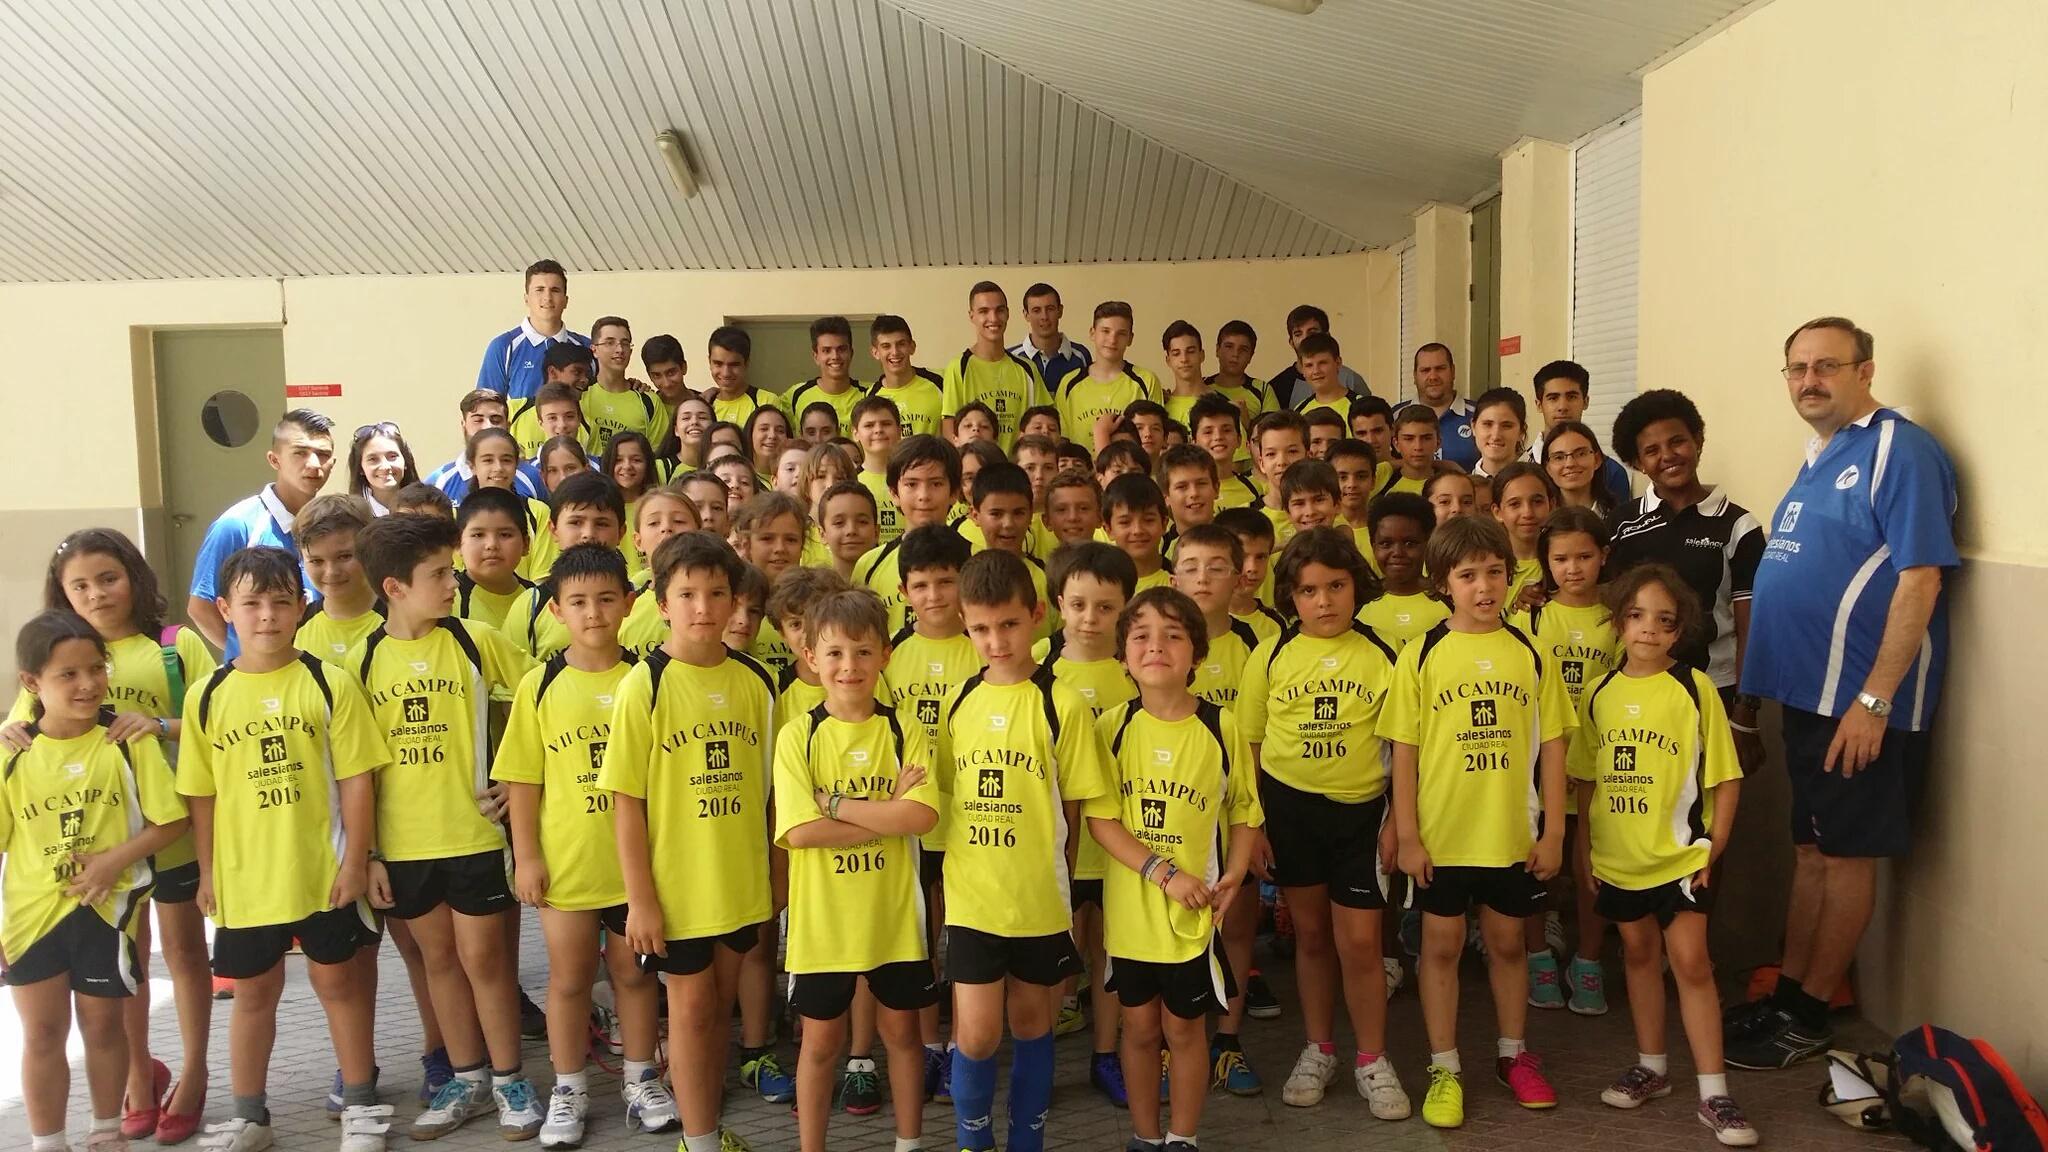 VII Campus Deportivo de verano del Club Deportivo Don Bosco, de Ciudad Real